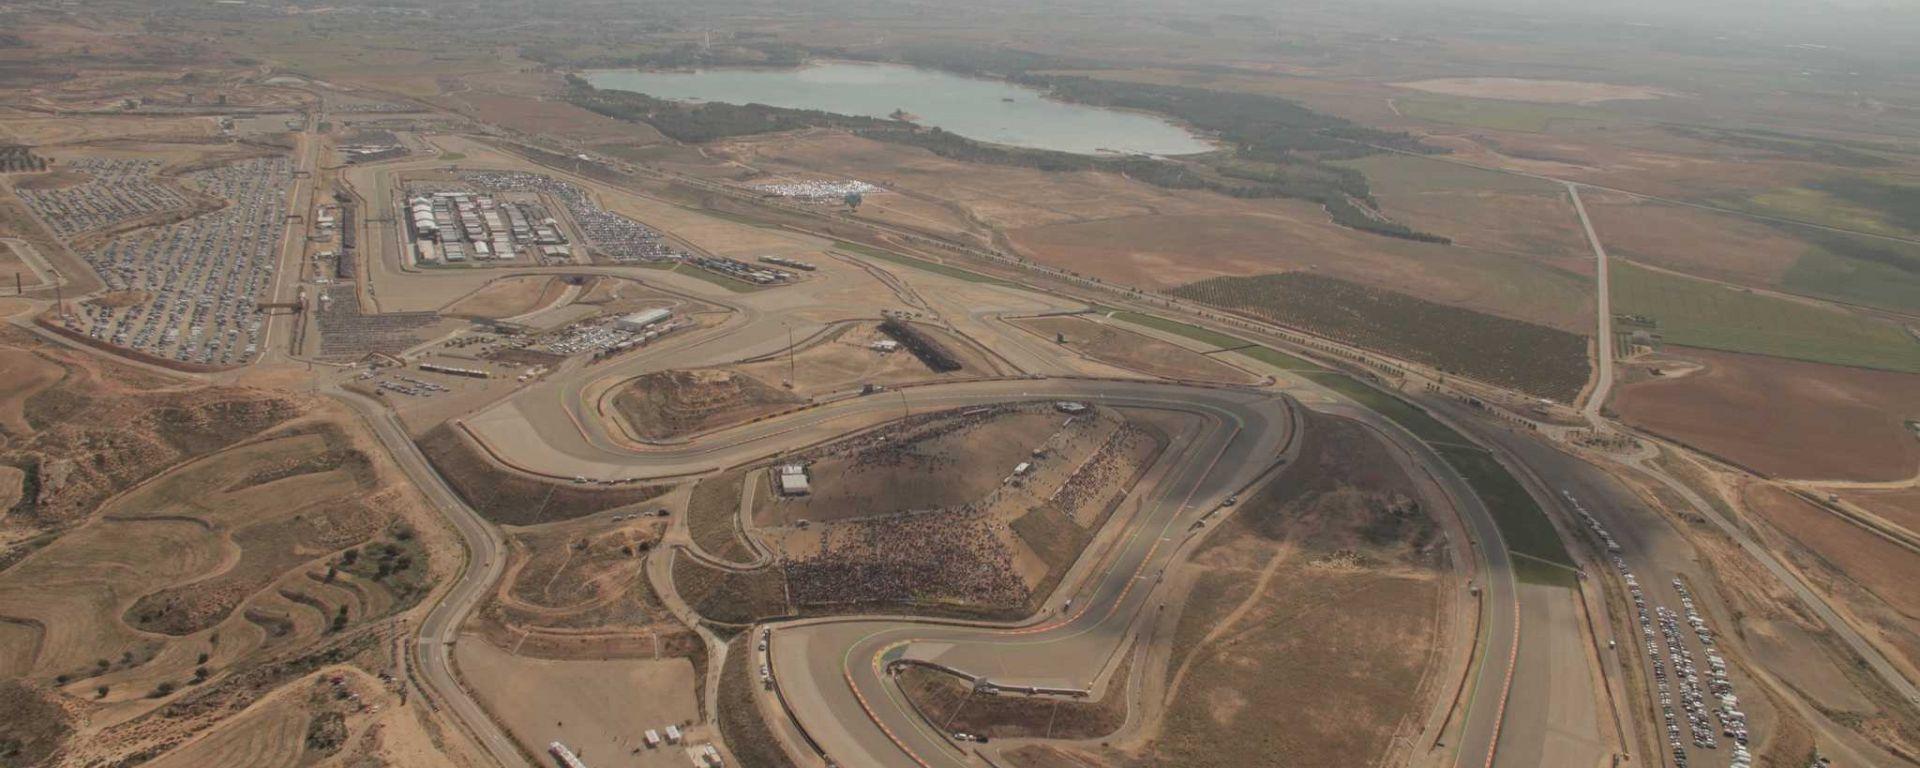 MotoGP Aragón Spagna: Prove libere, qualifiche, risultati gara